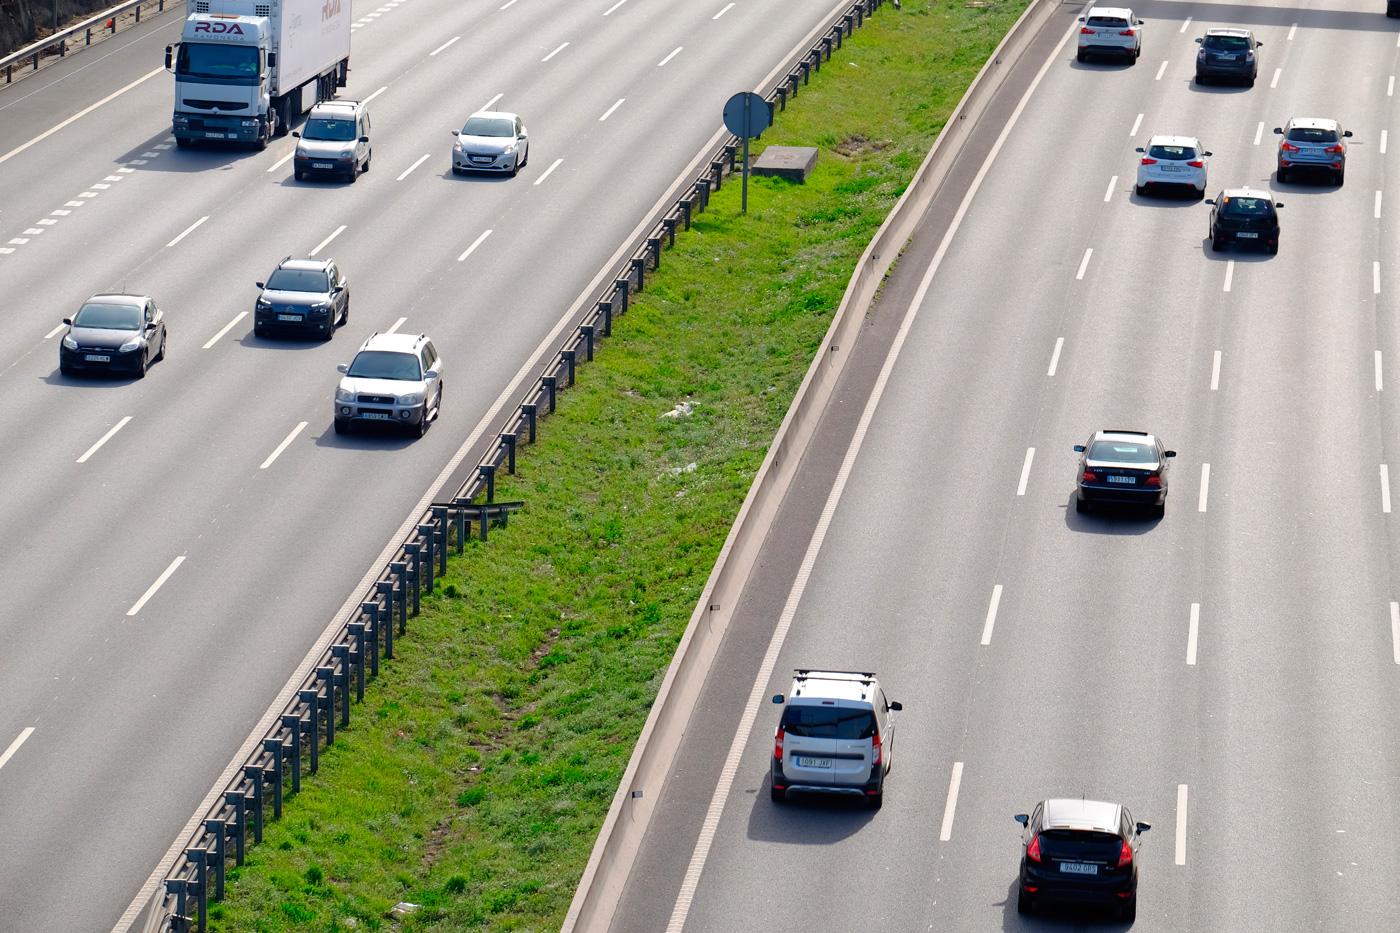 Adelantamiento en autopista